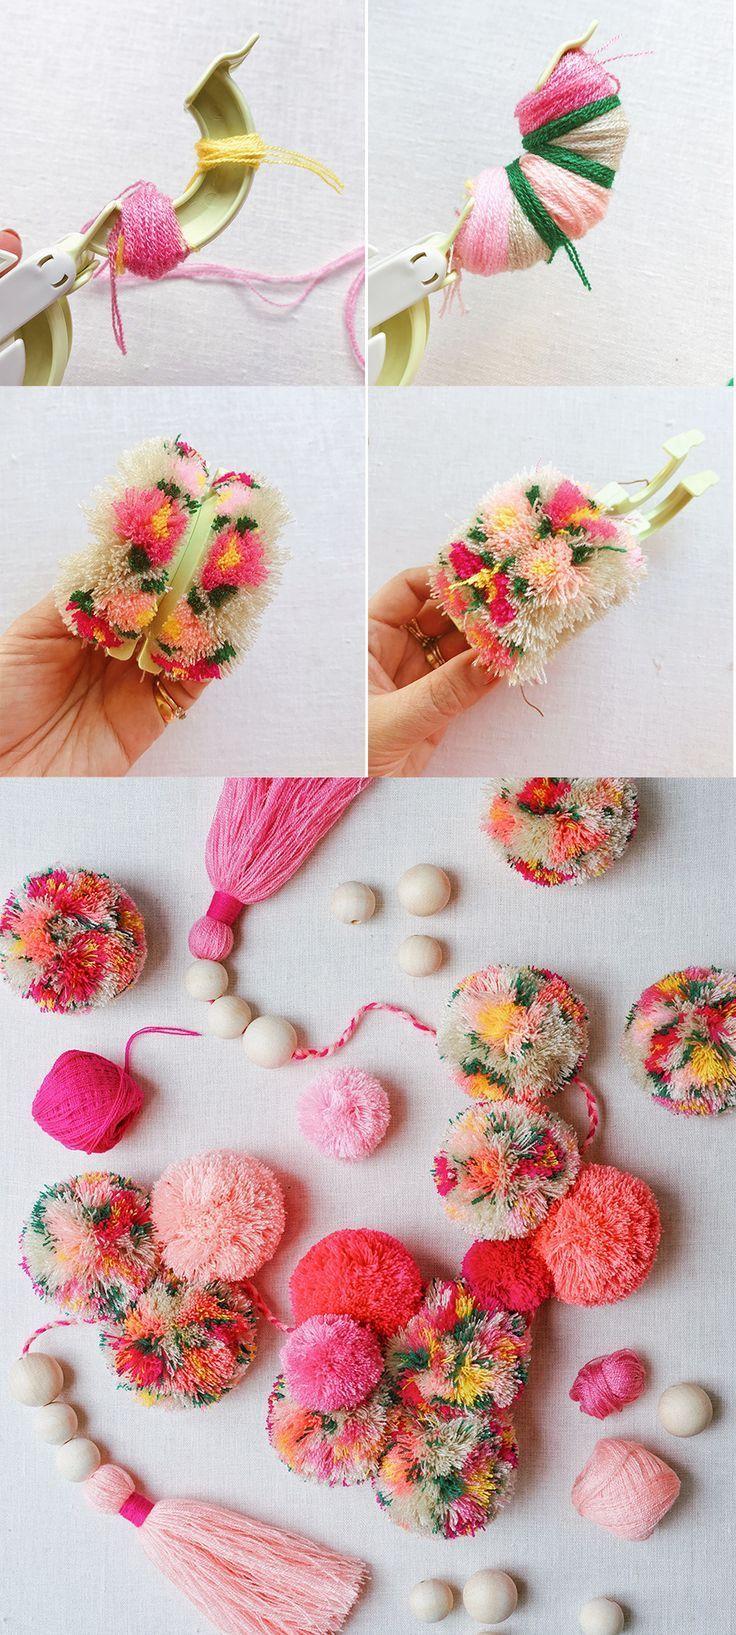 #DIY #pompoms mit Blumen! - Alles ist da #howtowhitenyourteeth